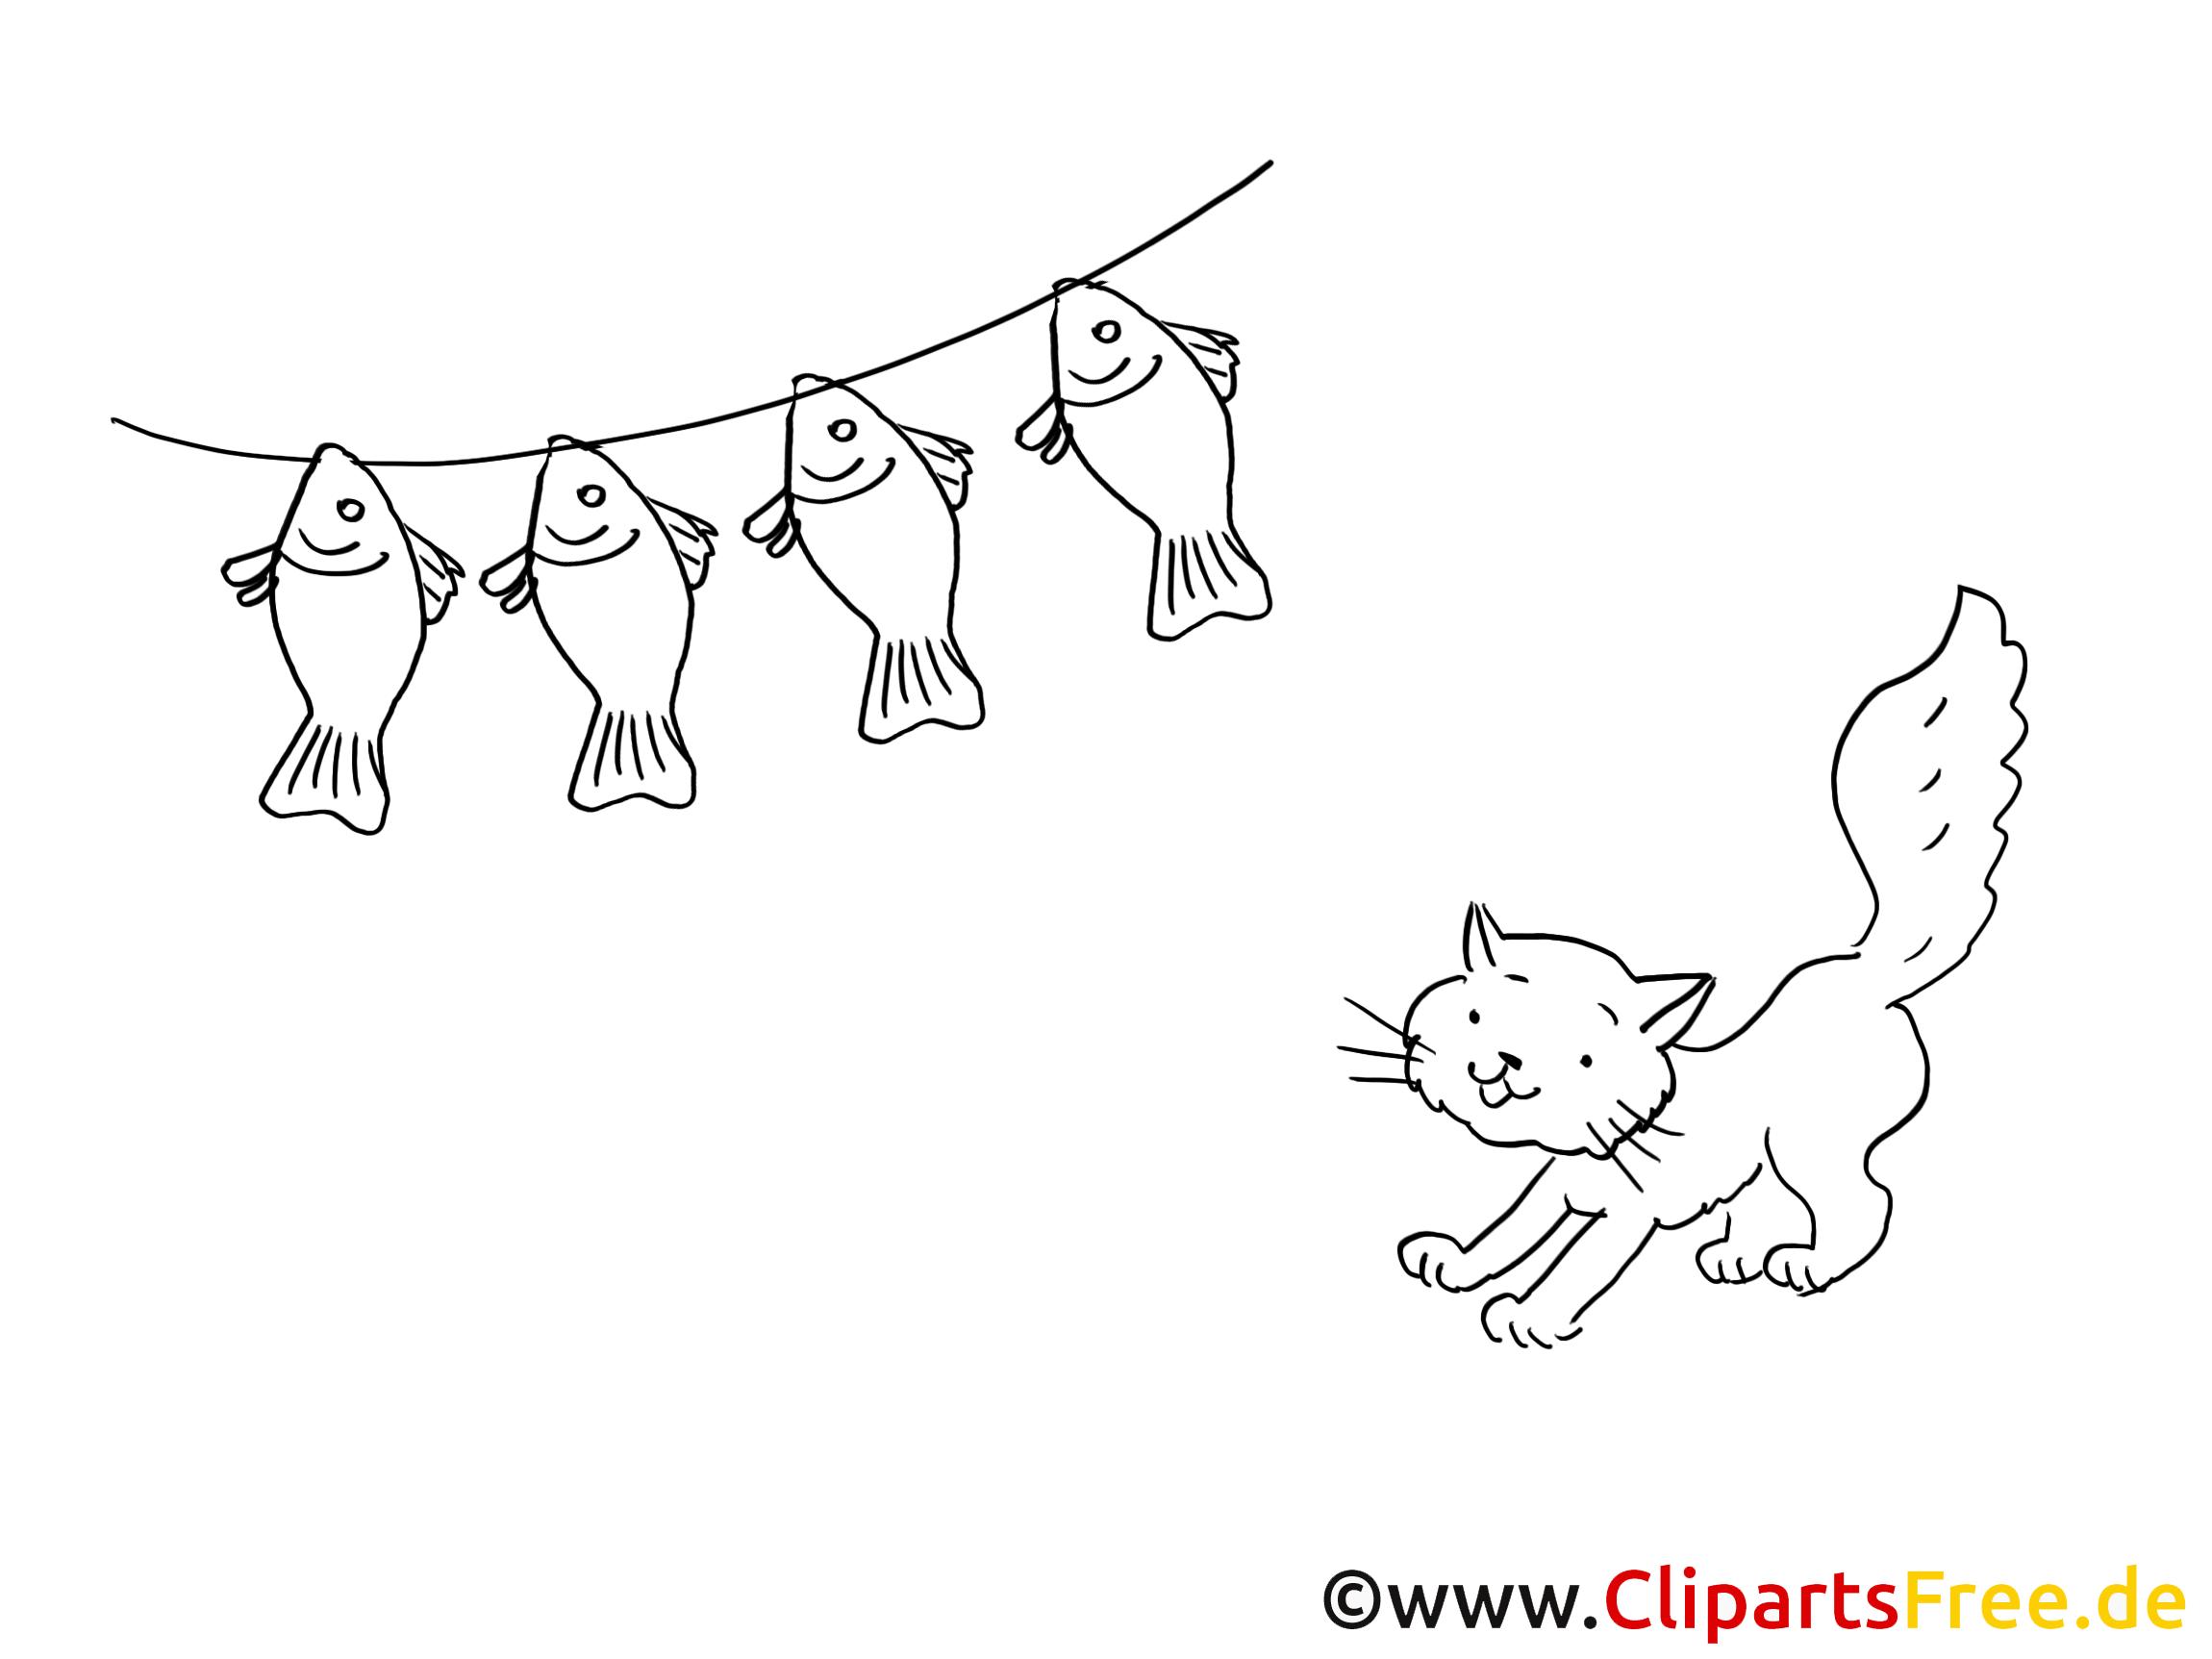 Katze und Fische Grafik, Bild, Malvorlage zum Ausdrucken und Ausmalen